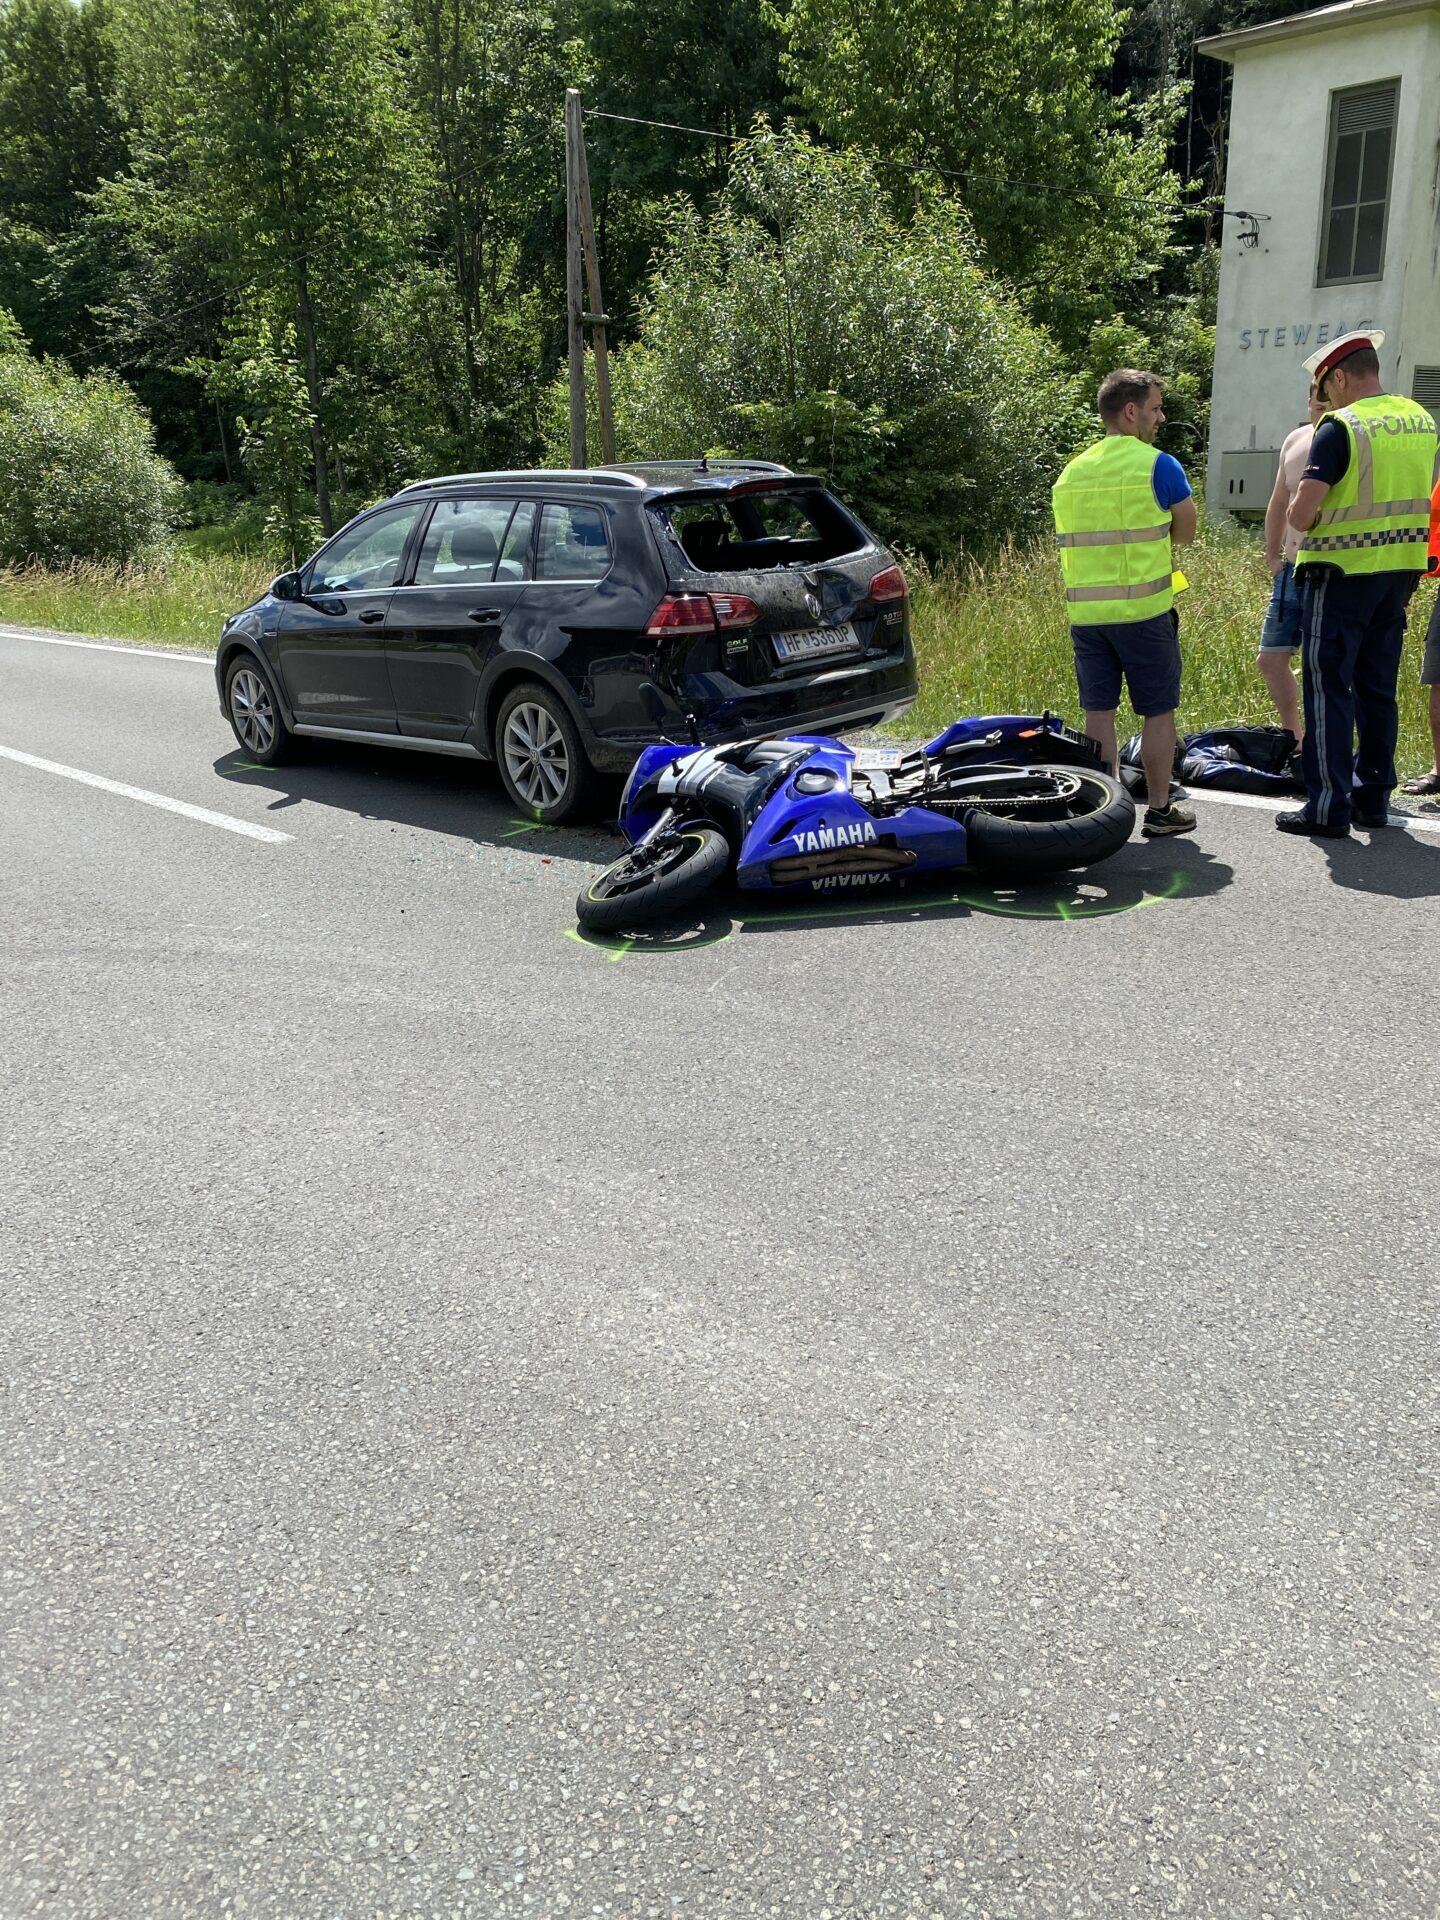 26.06.2021 – Motorradunfall auf der L 416